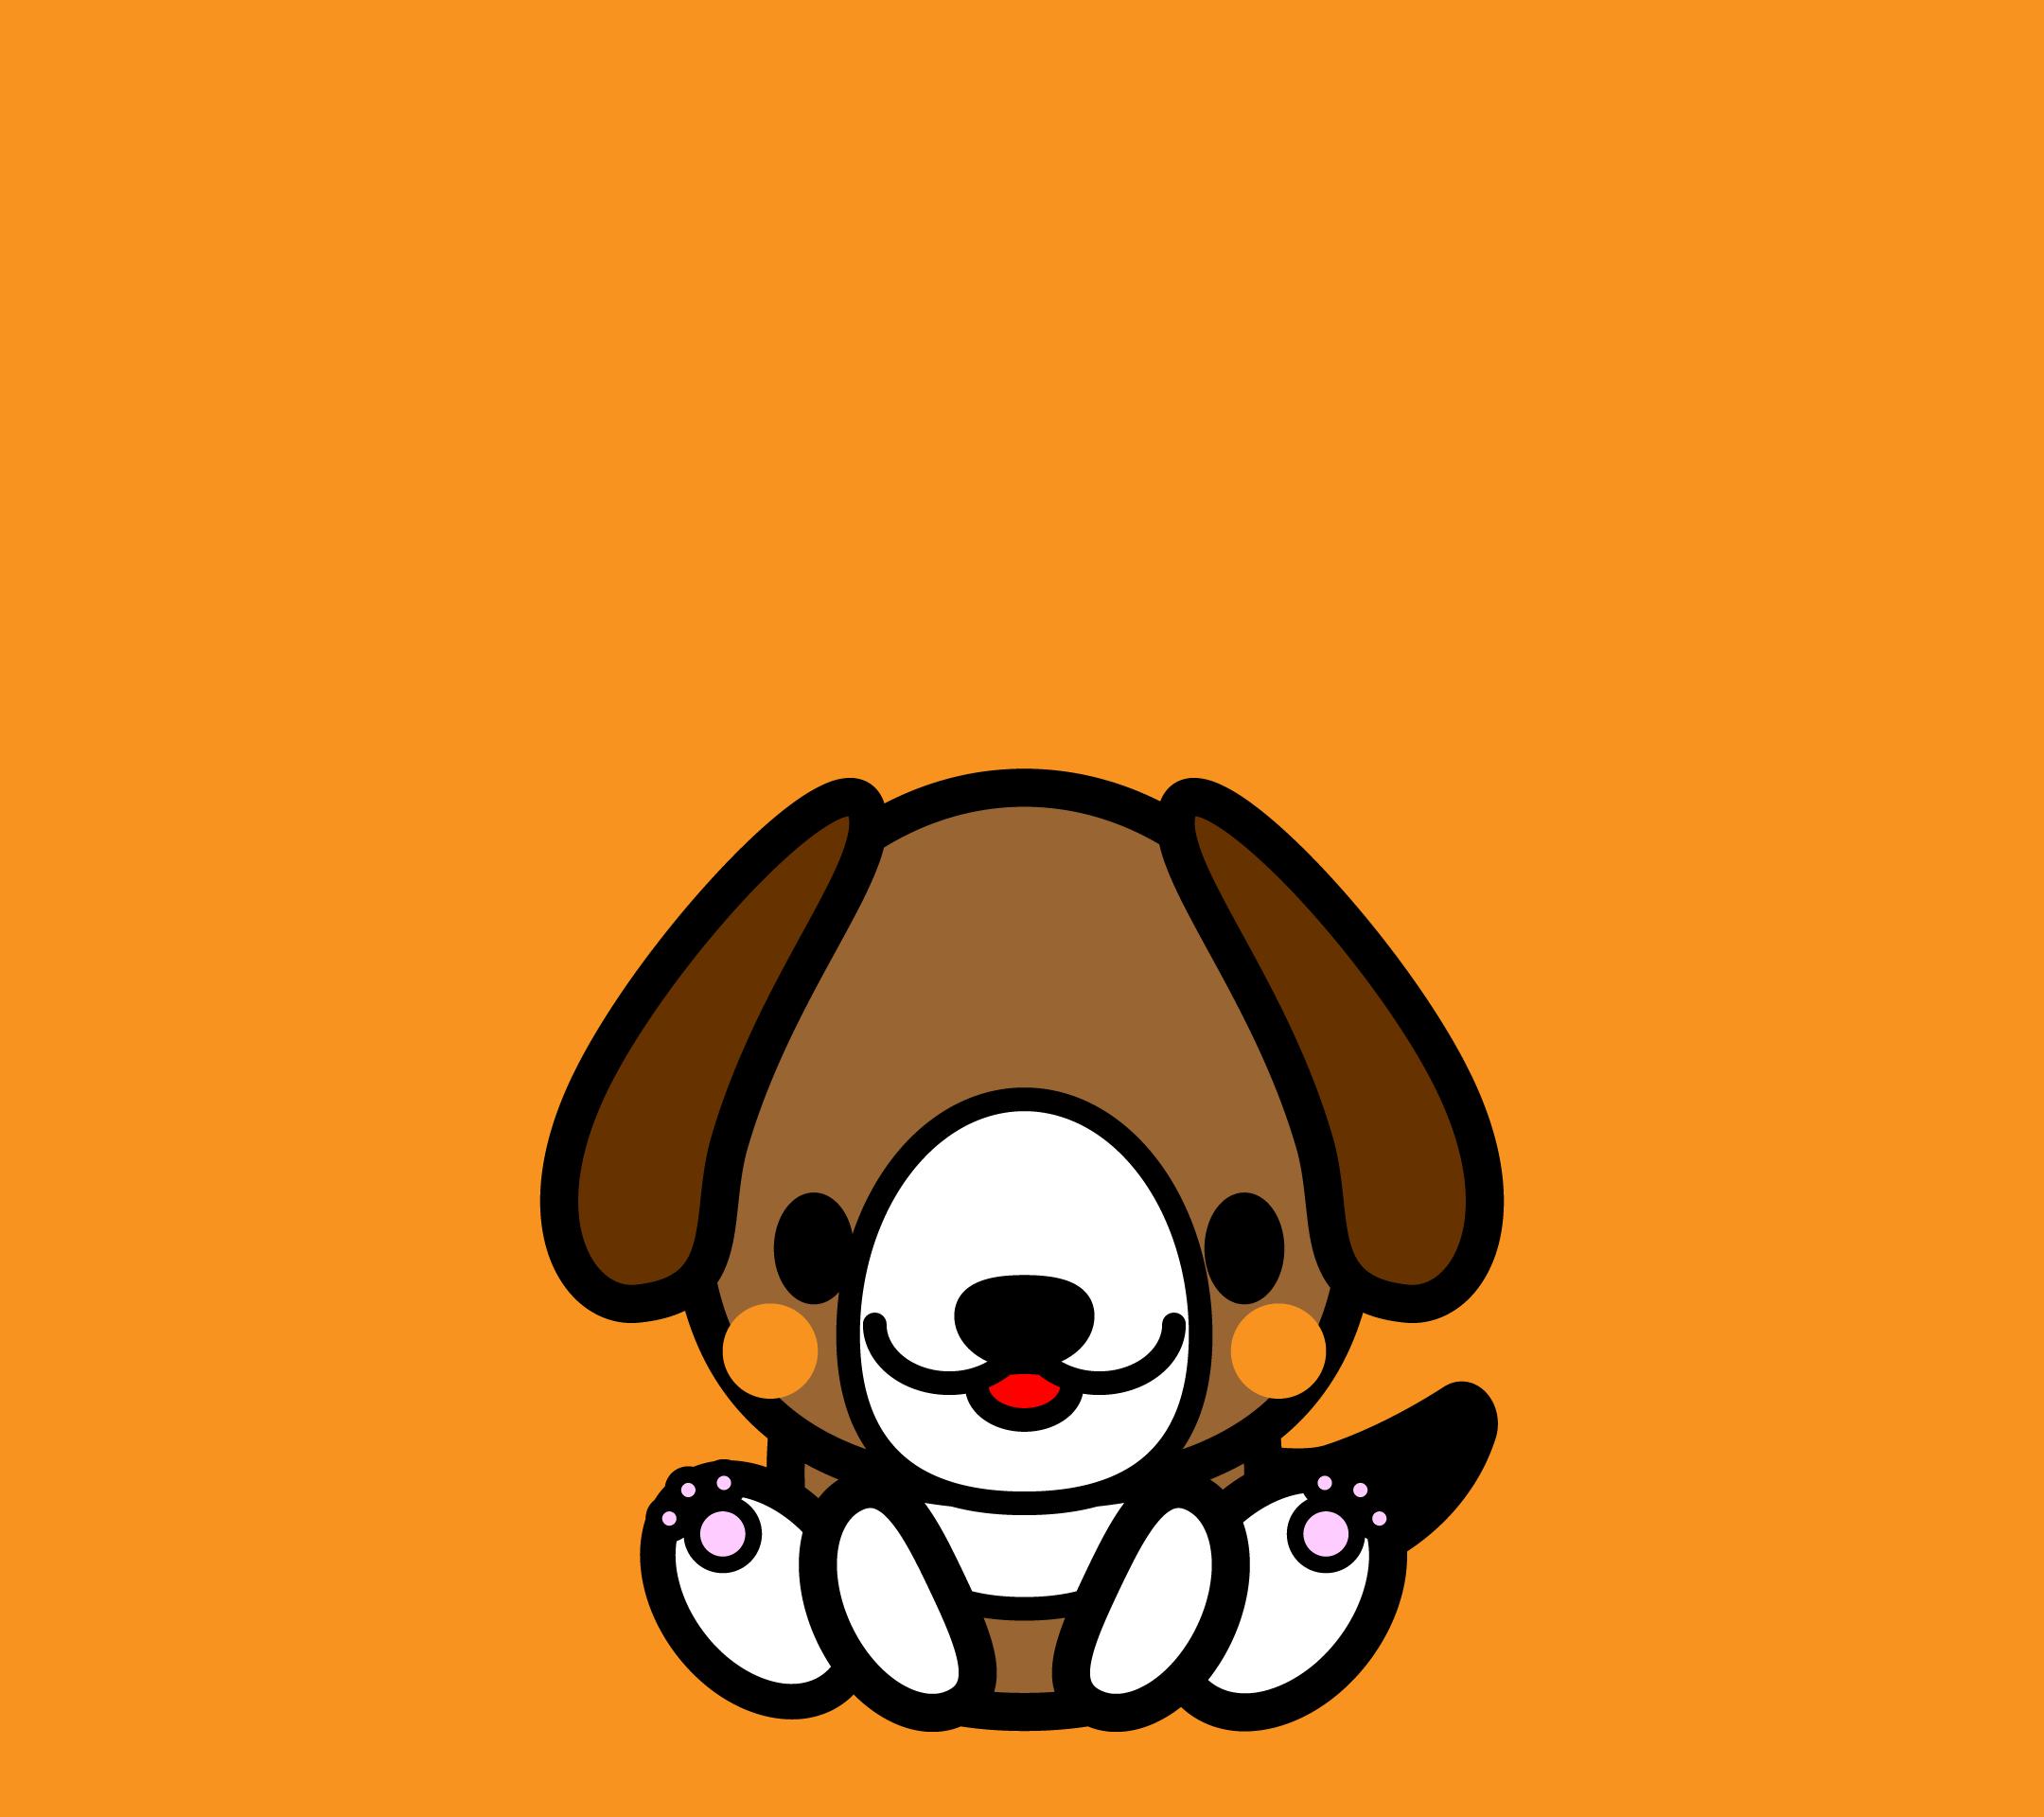 かわいい座りビーグル犬壁紙(Android)の無料イラスト・商用フリー